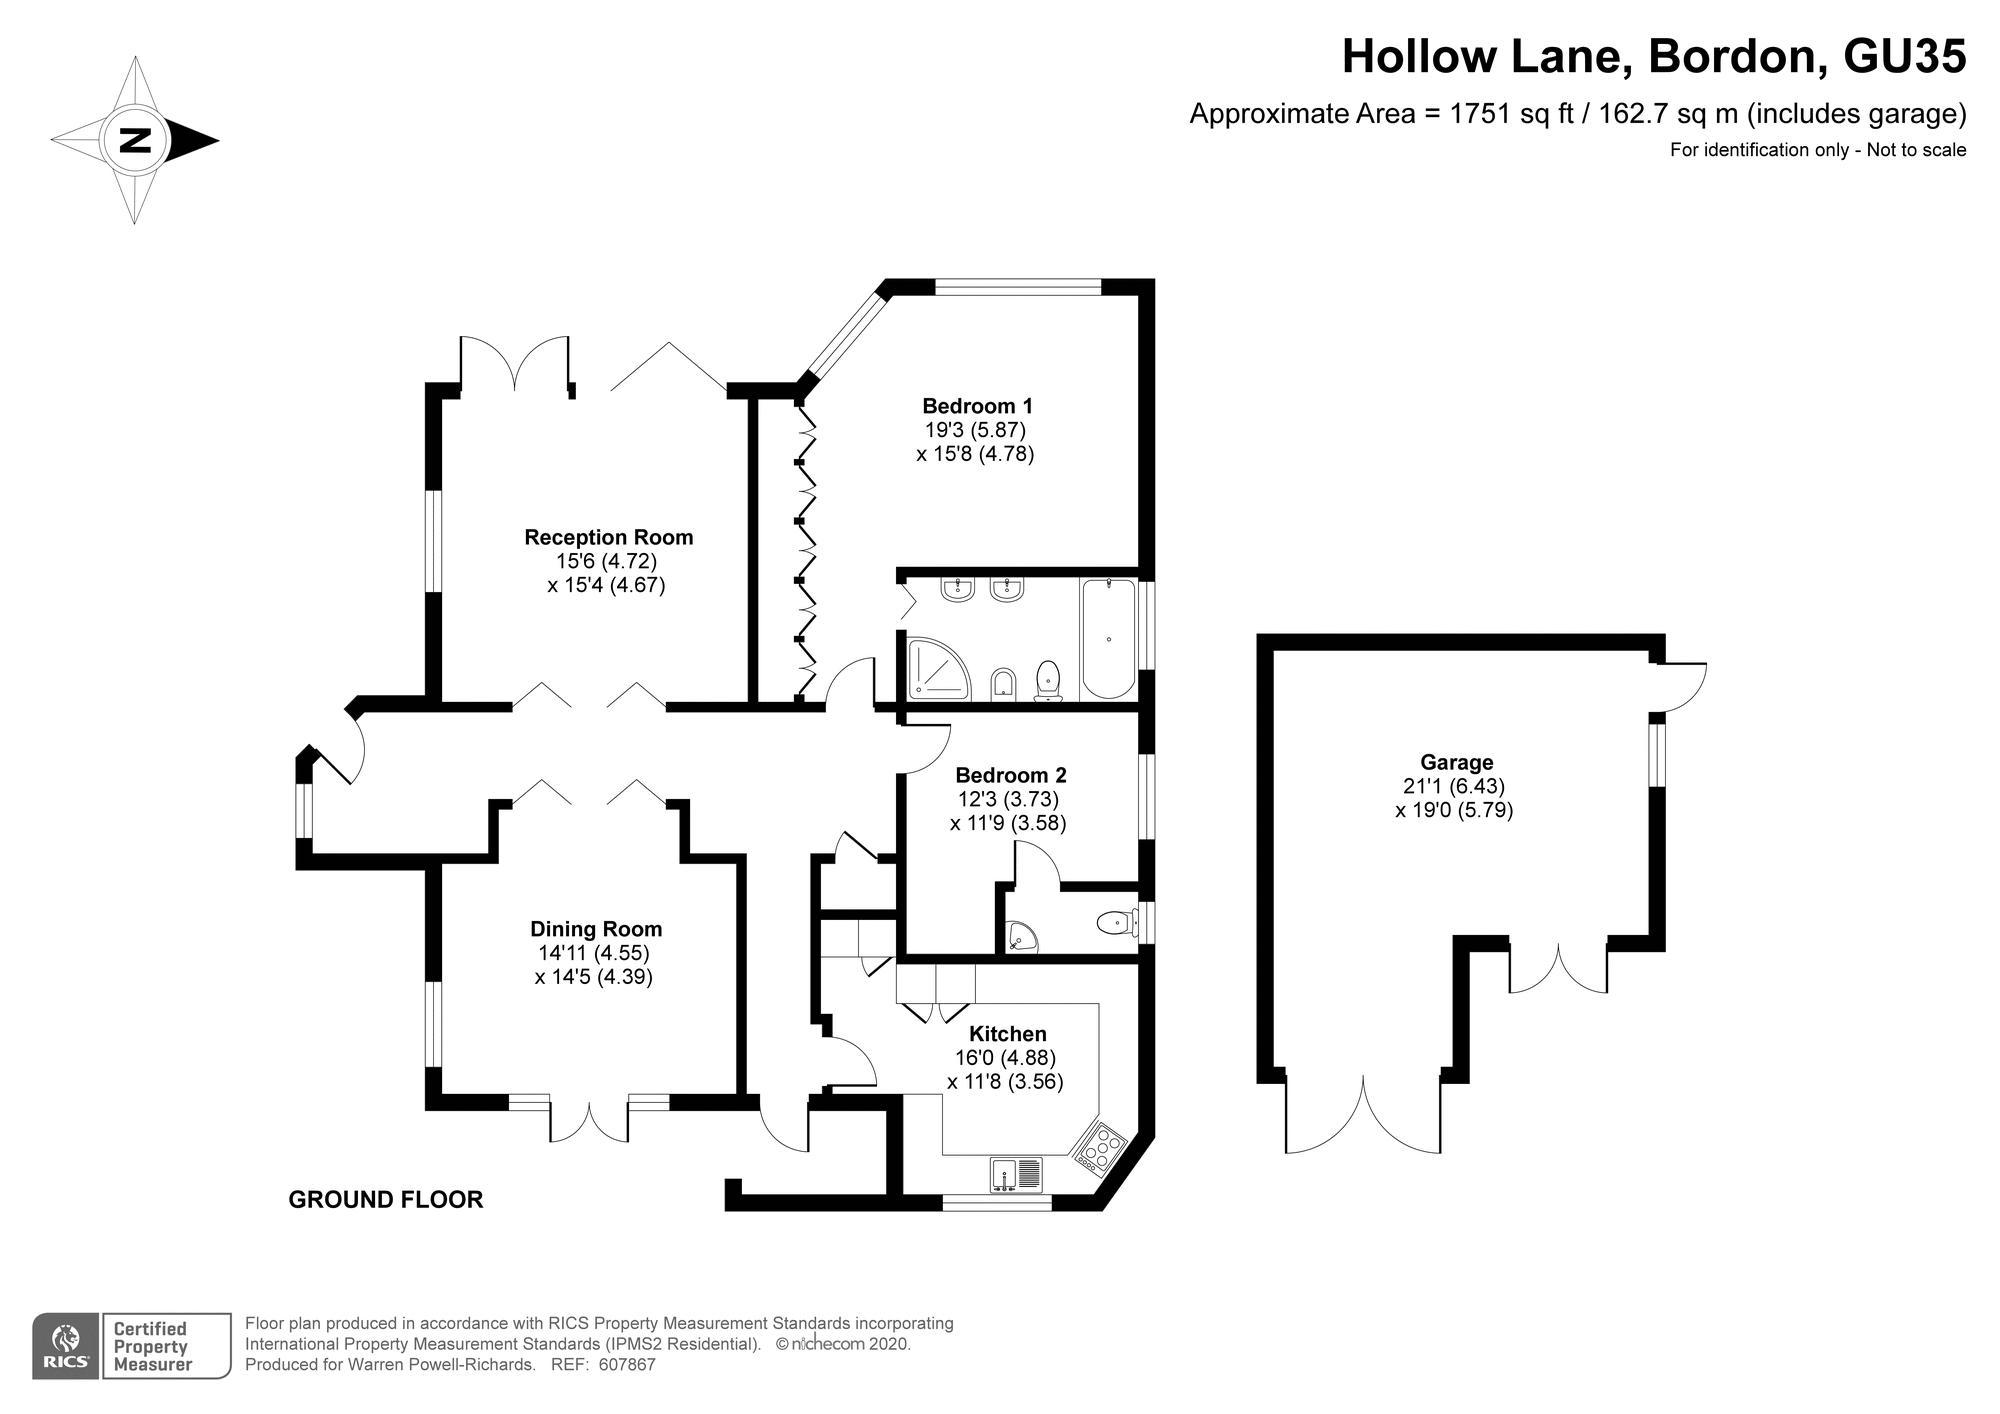 Hollow Lane Headley